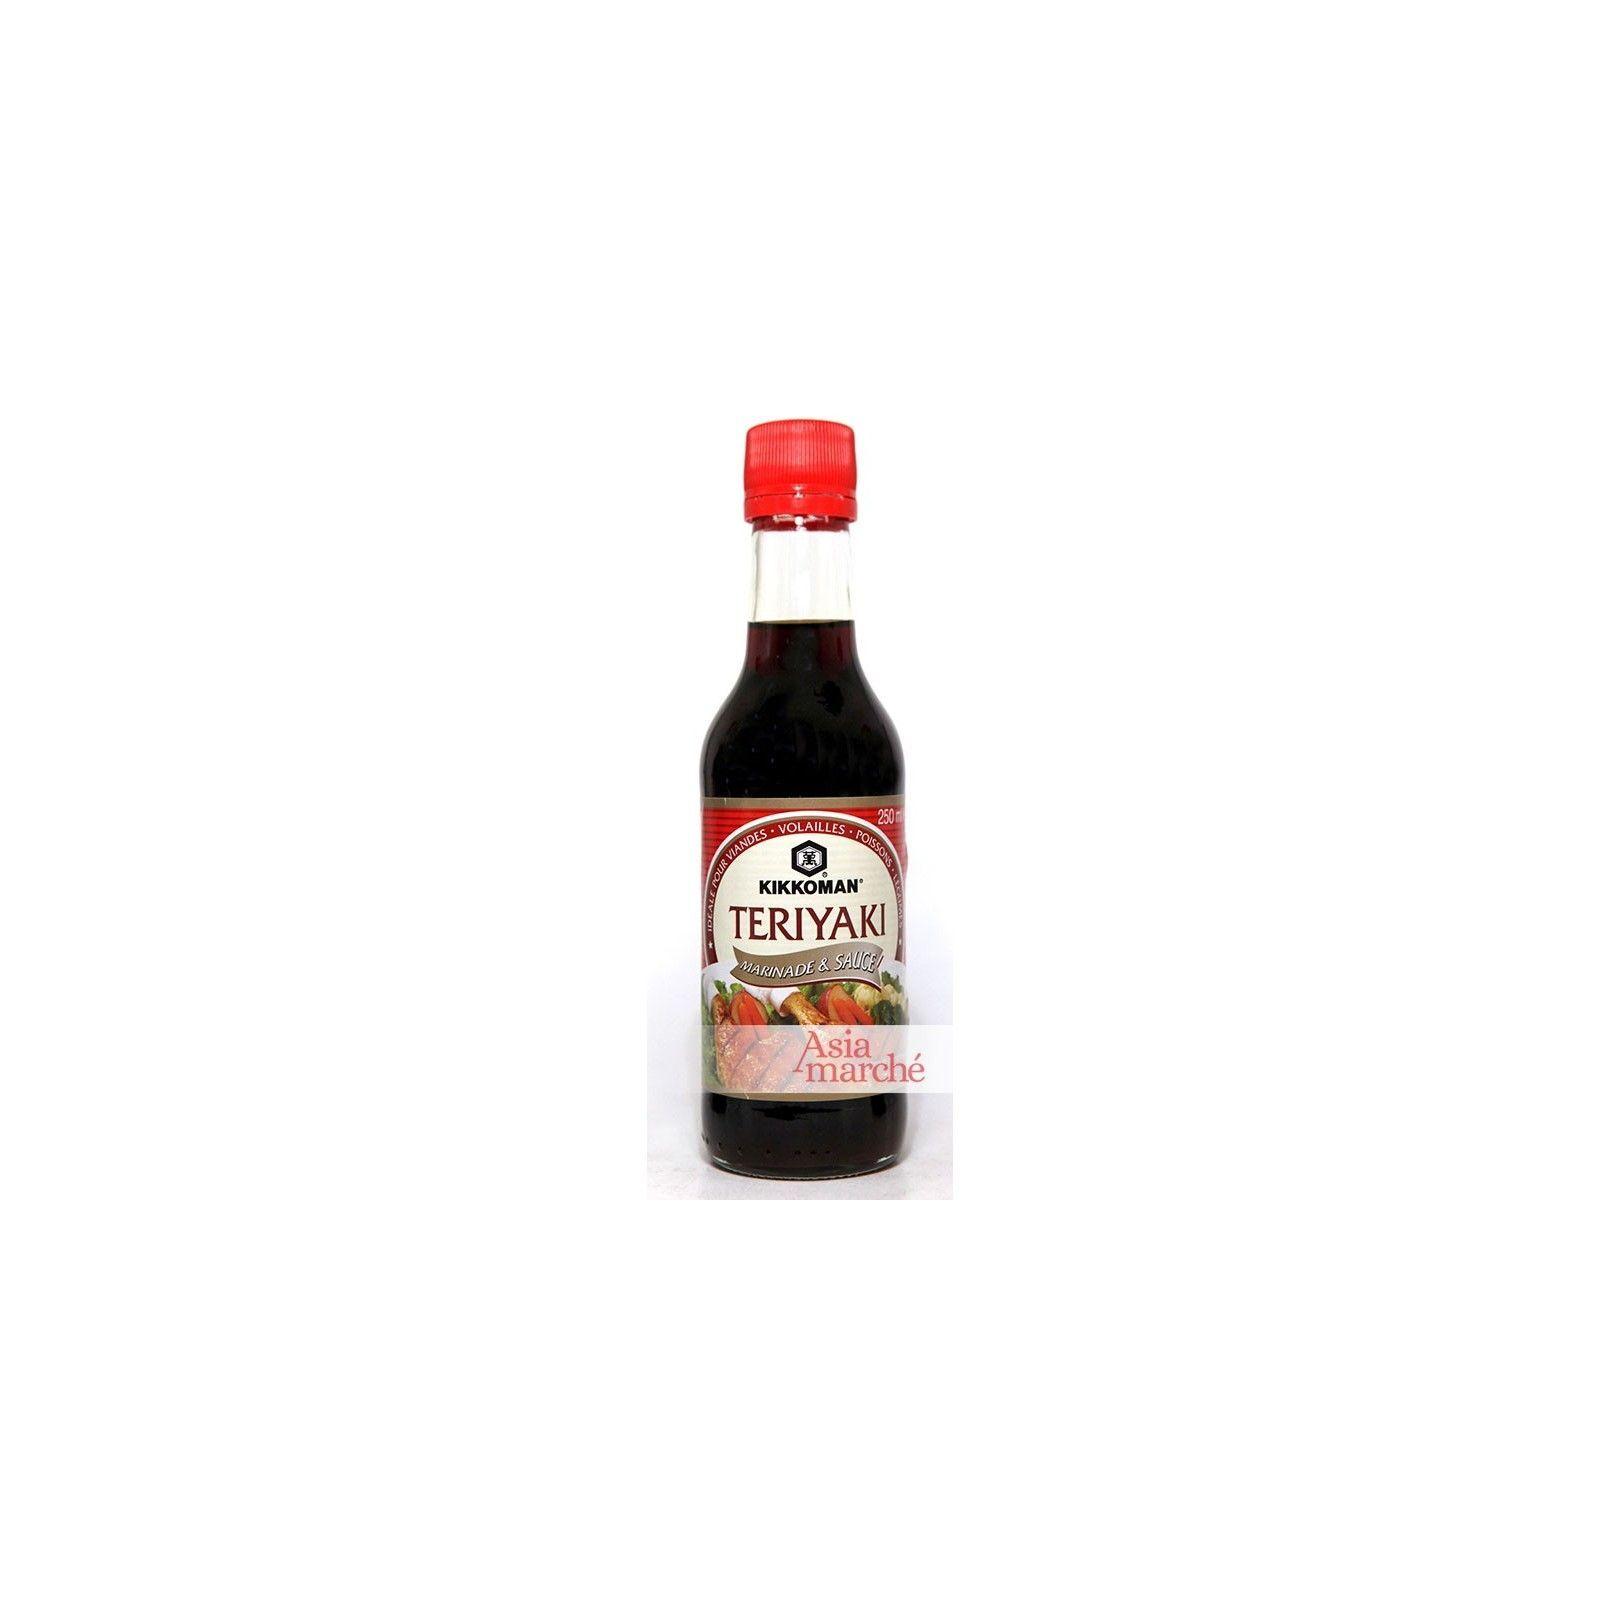 Asia Marché Sauce Teriyaki 250ml Kikkoman